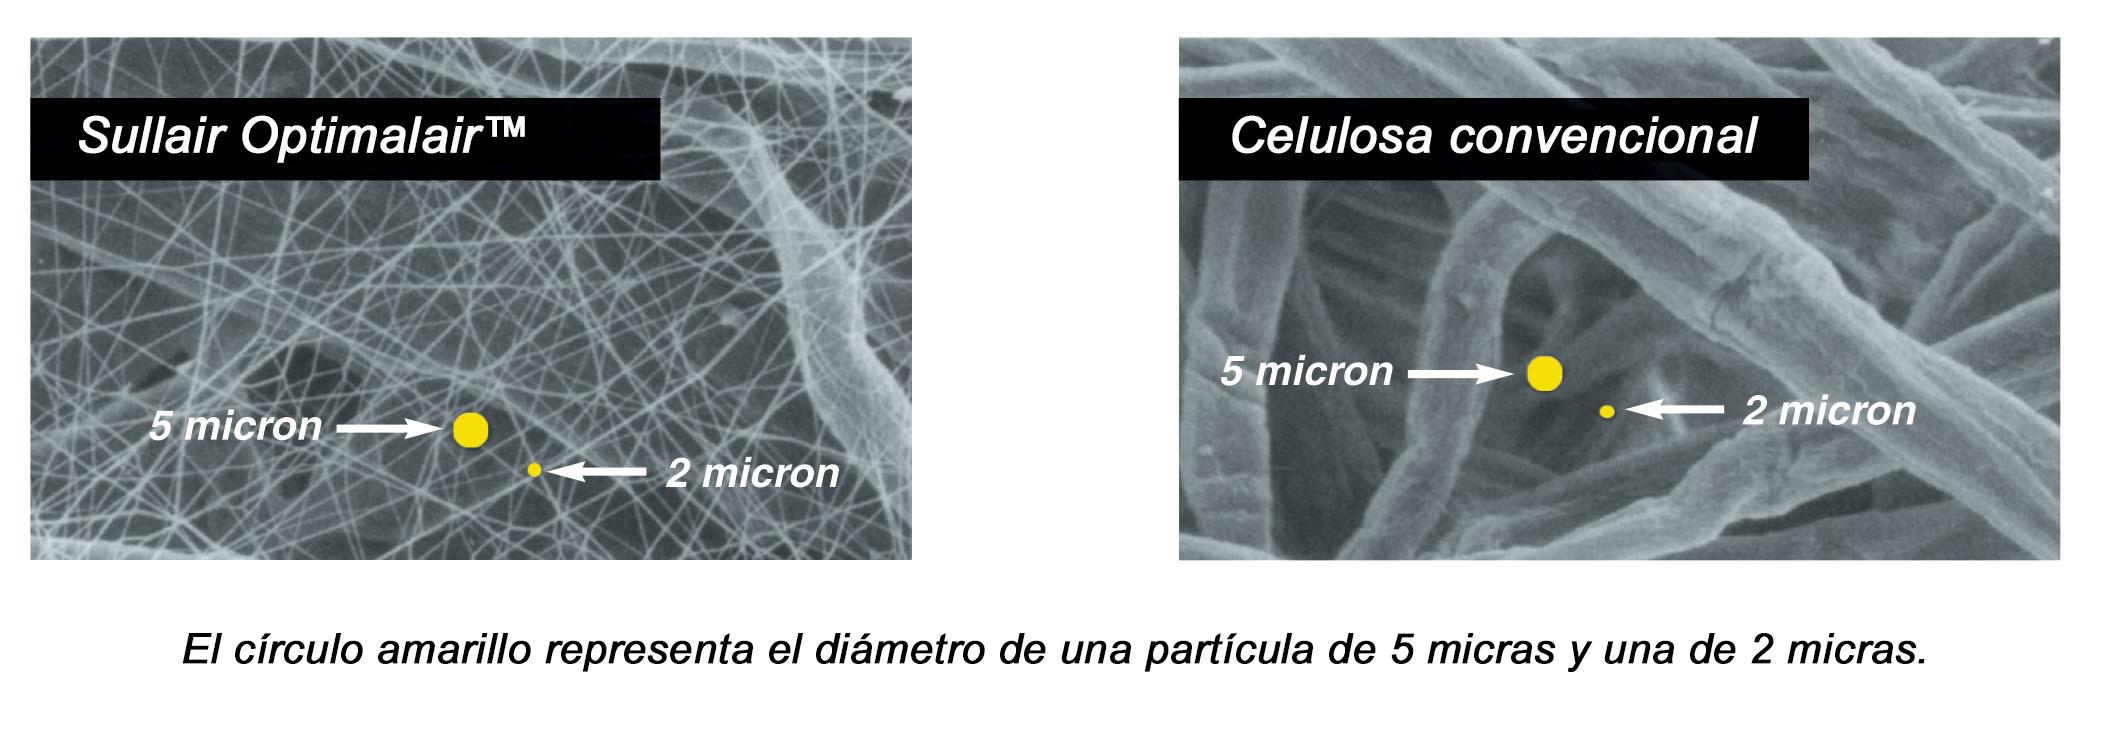 OptimalAir versus filtro de celulosa convencional